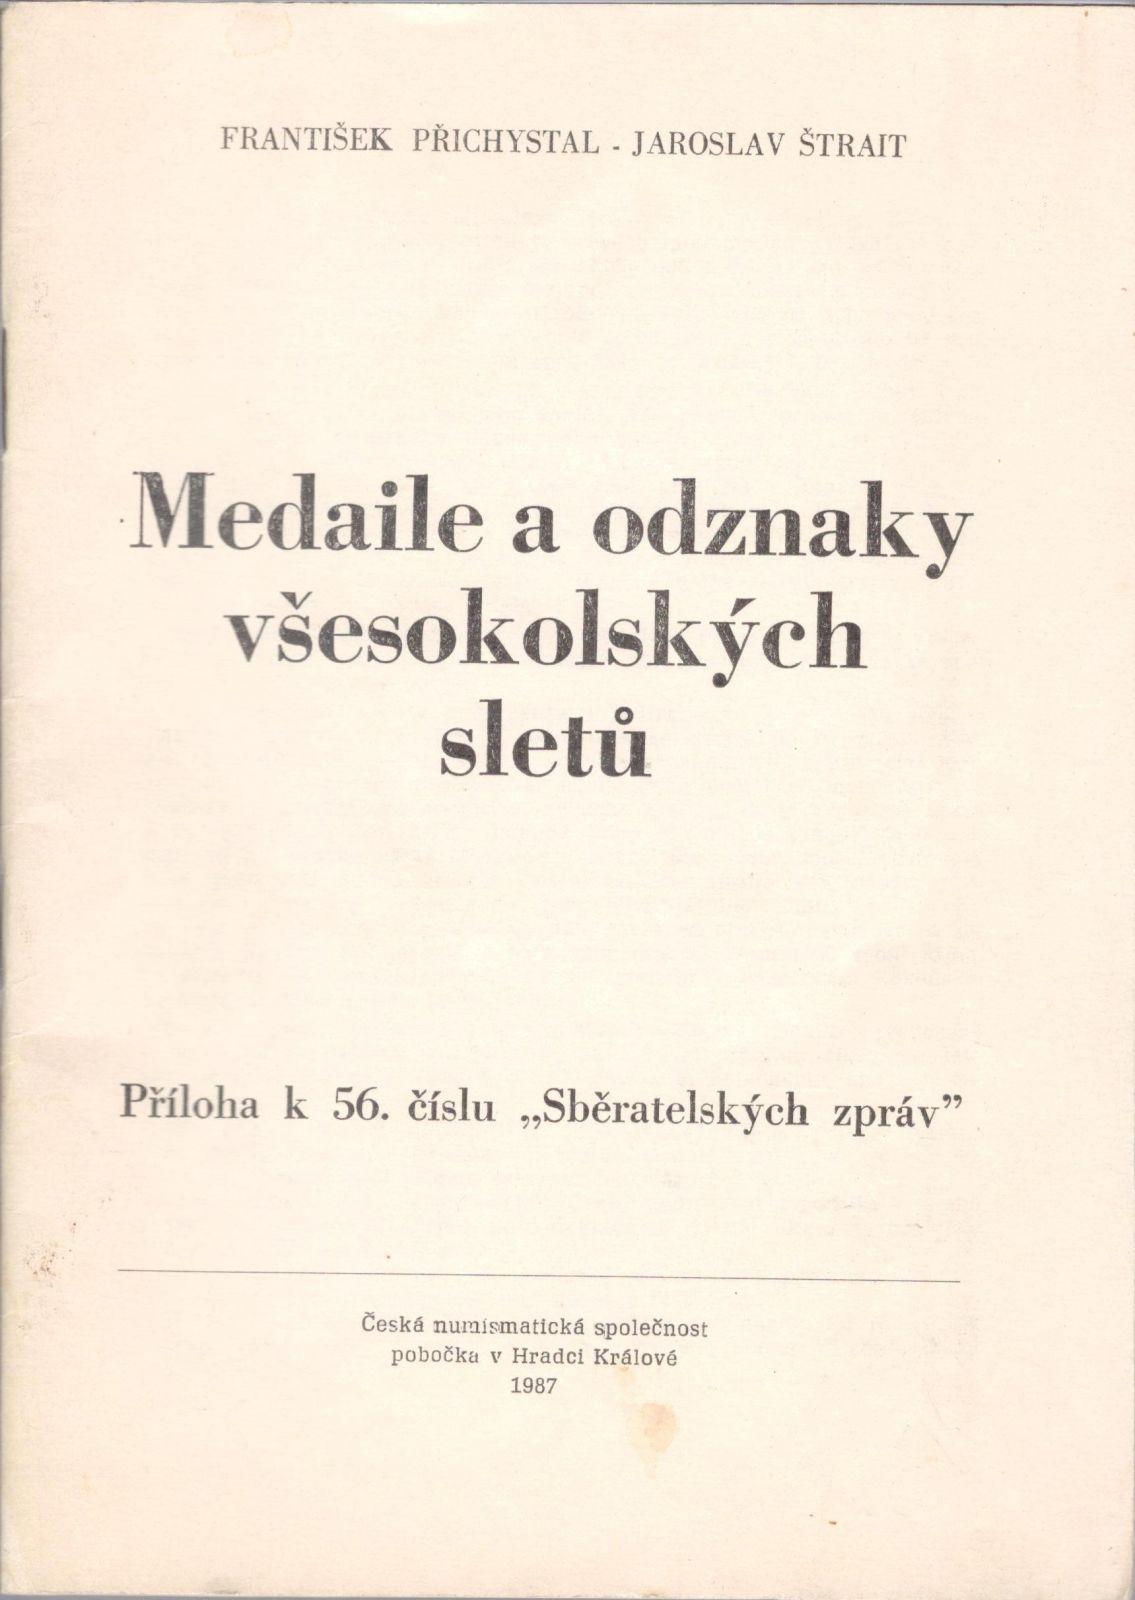 Medaile a odznaky všesokolských sletů (1987), F.Přichystal a J.Štrait